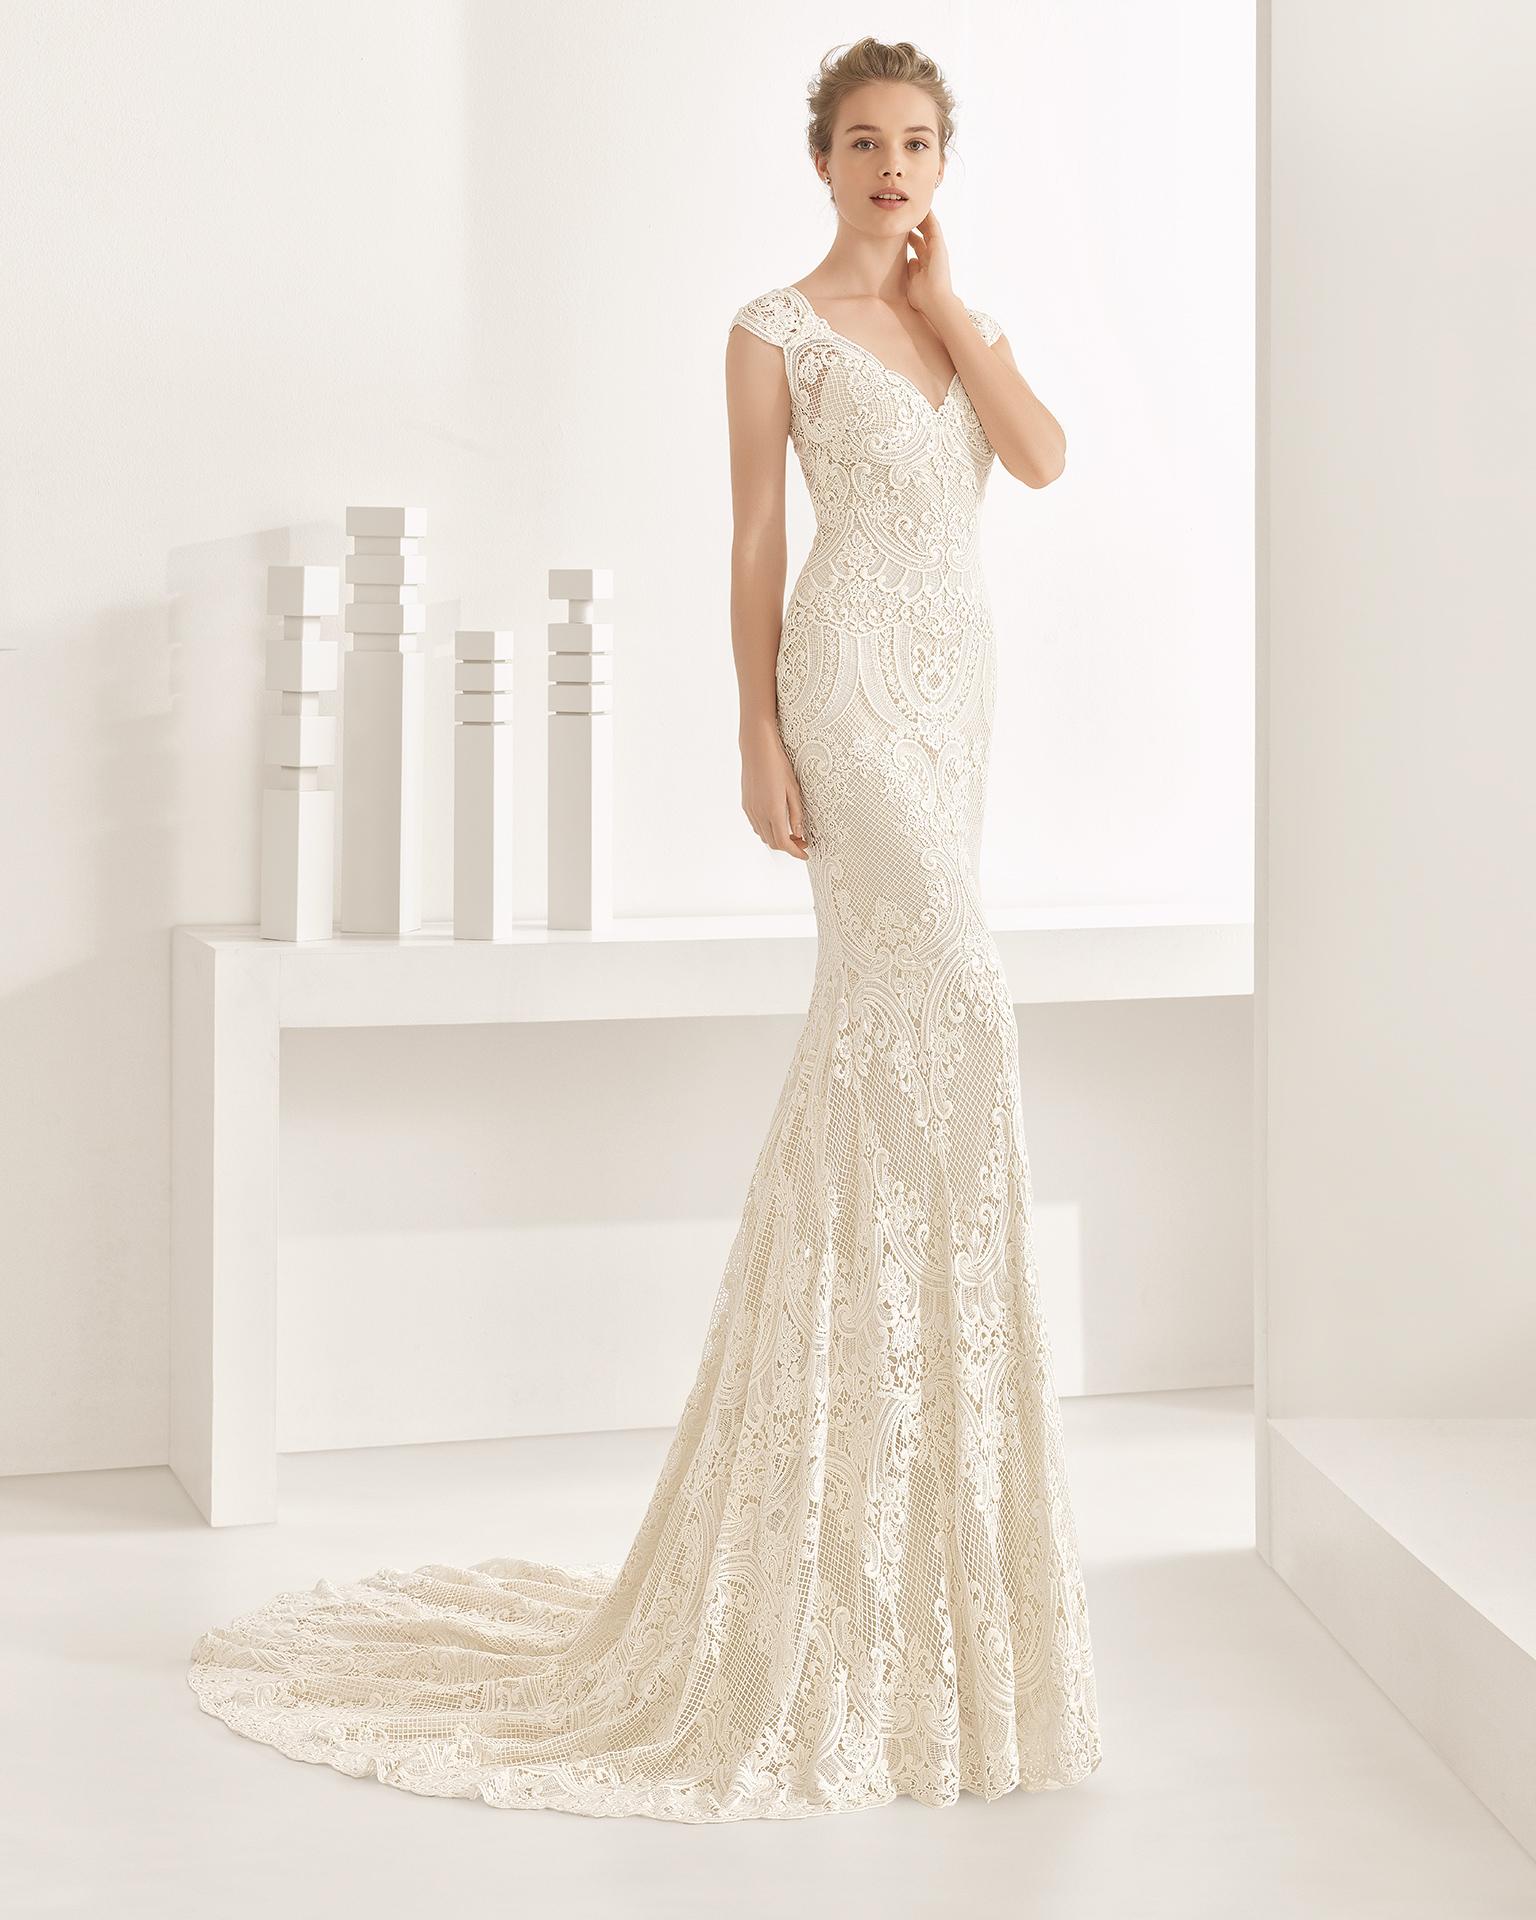 Charmant Hochzeitskleider Chicago Vorort Fotos - Brautkleider Ideen ...